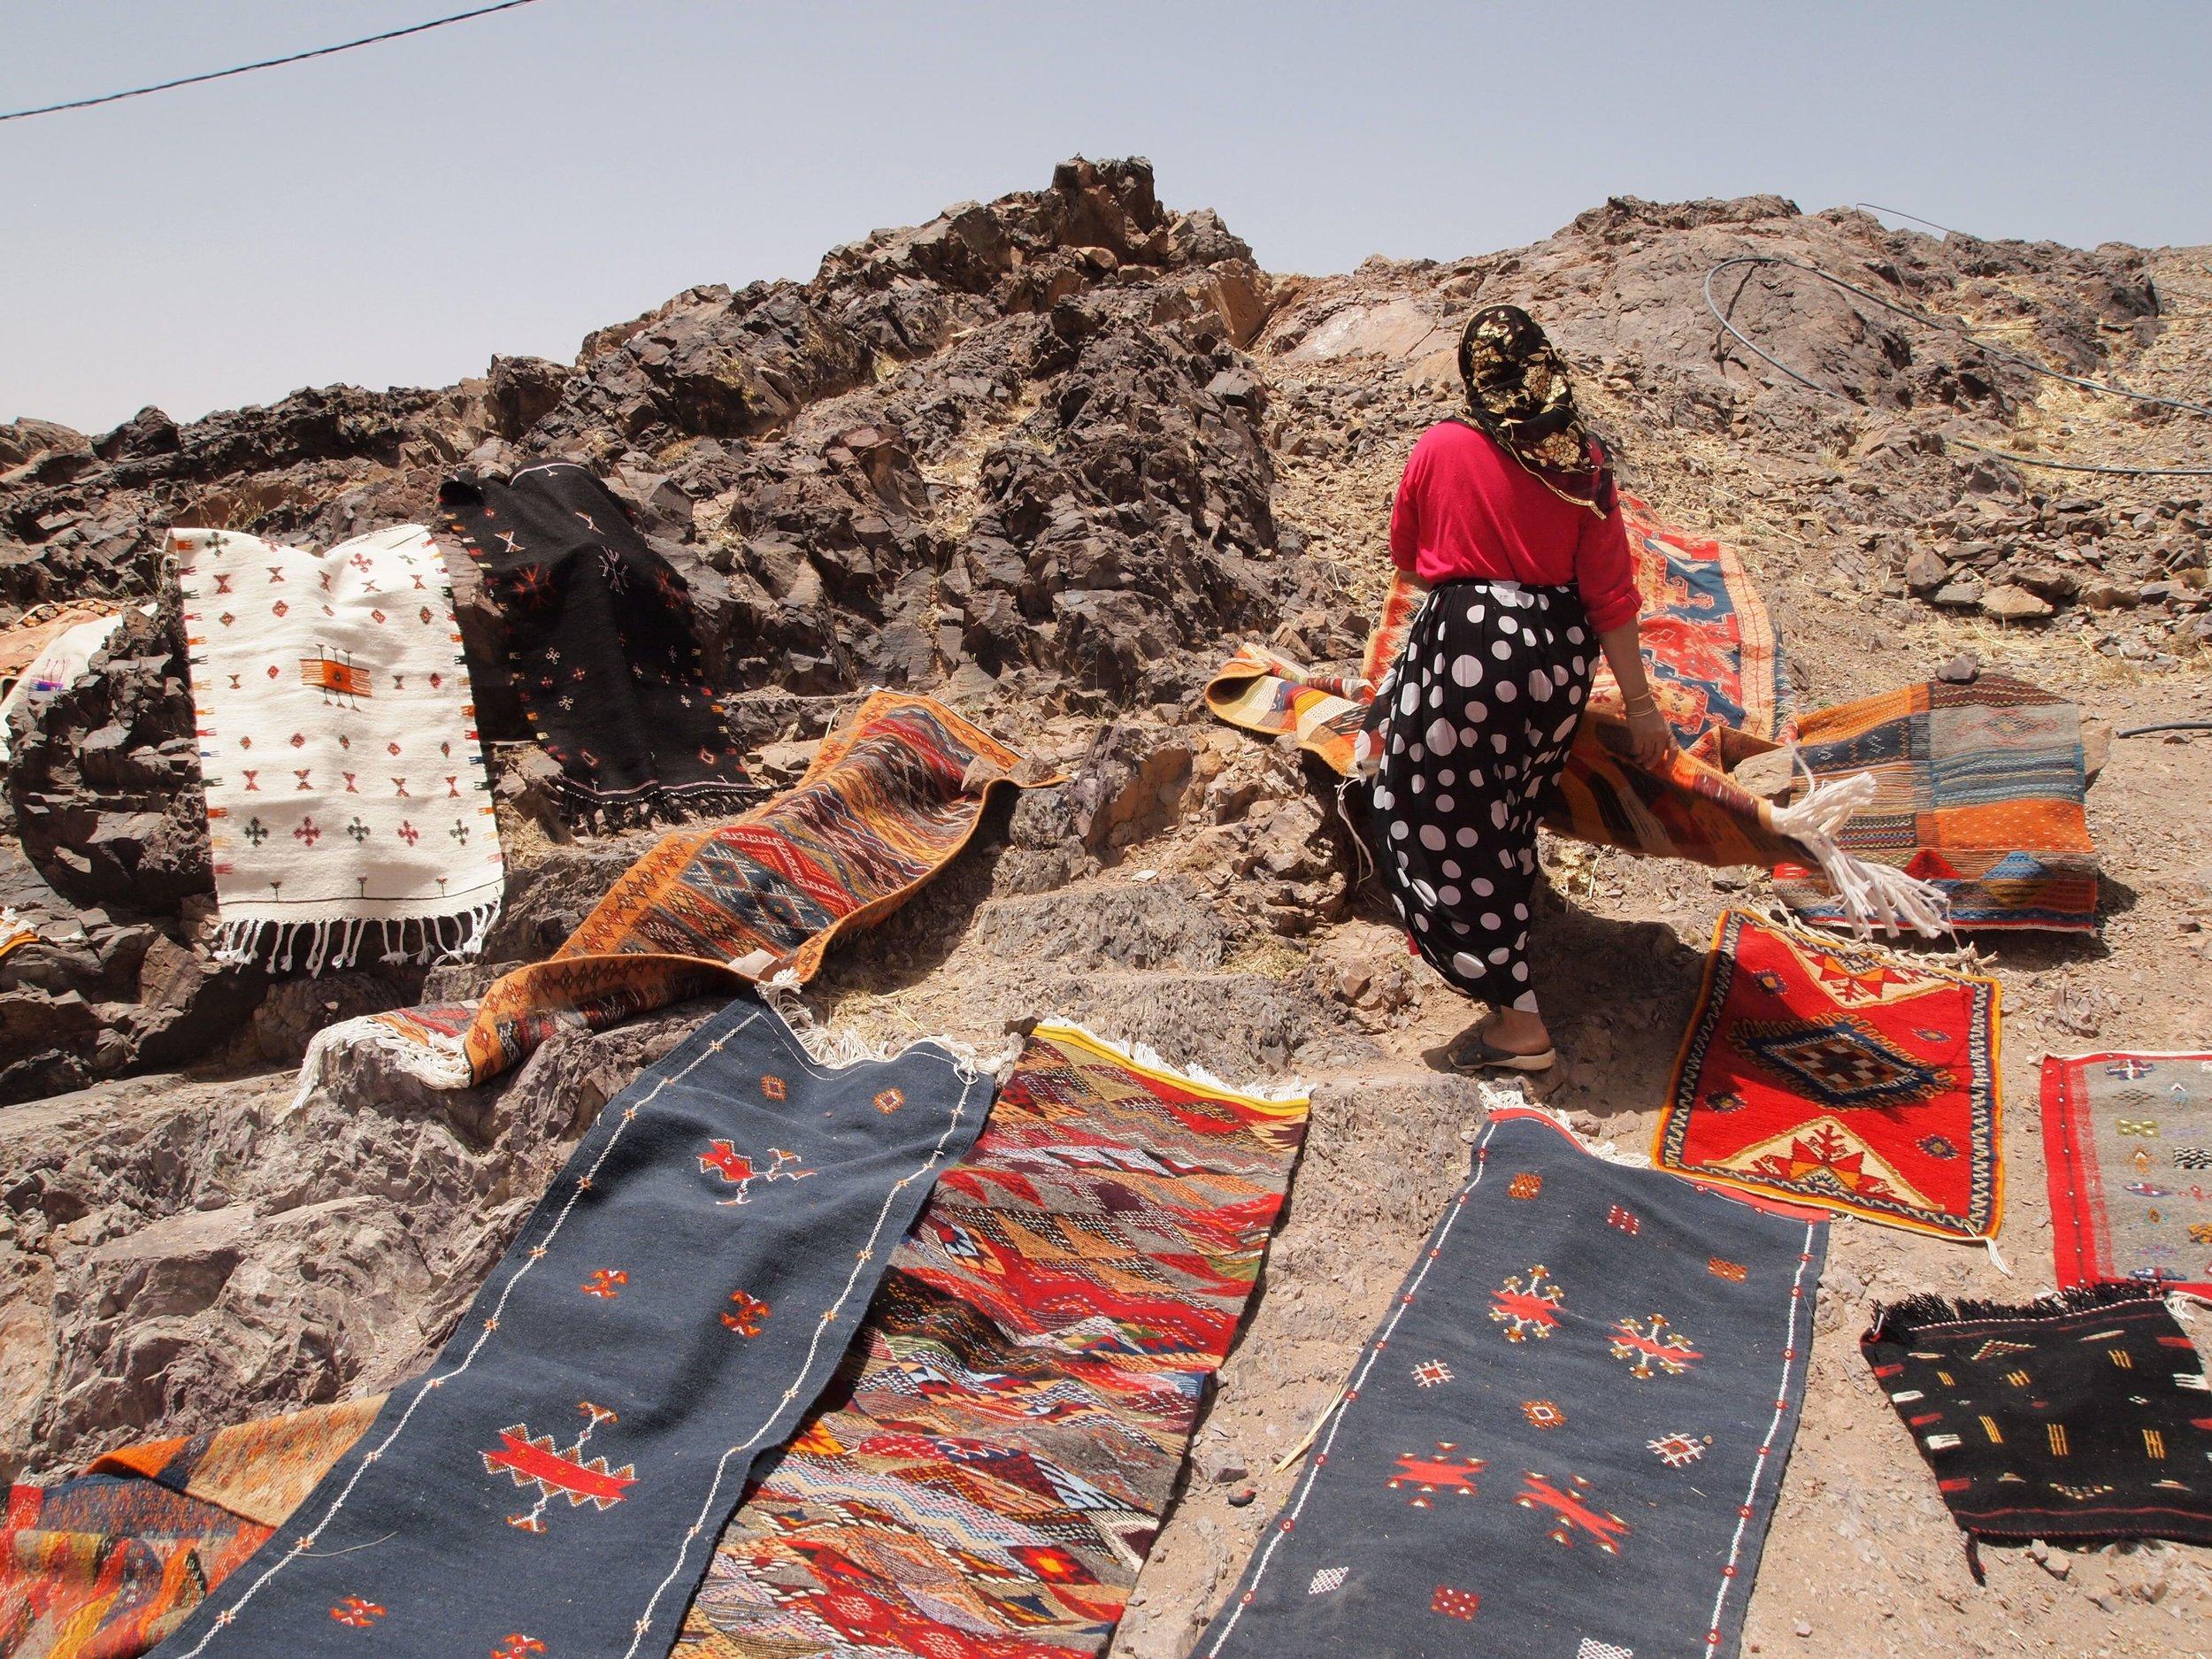 Mujeres en un mercado improvisado de alfombras en un pueblo remoto